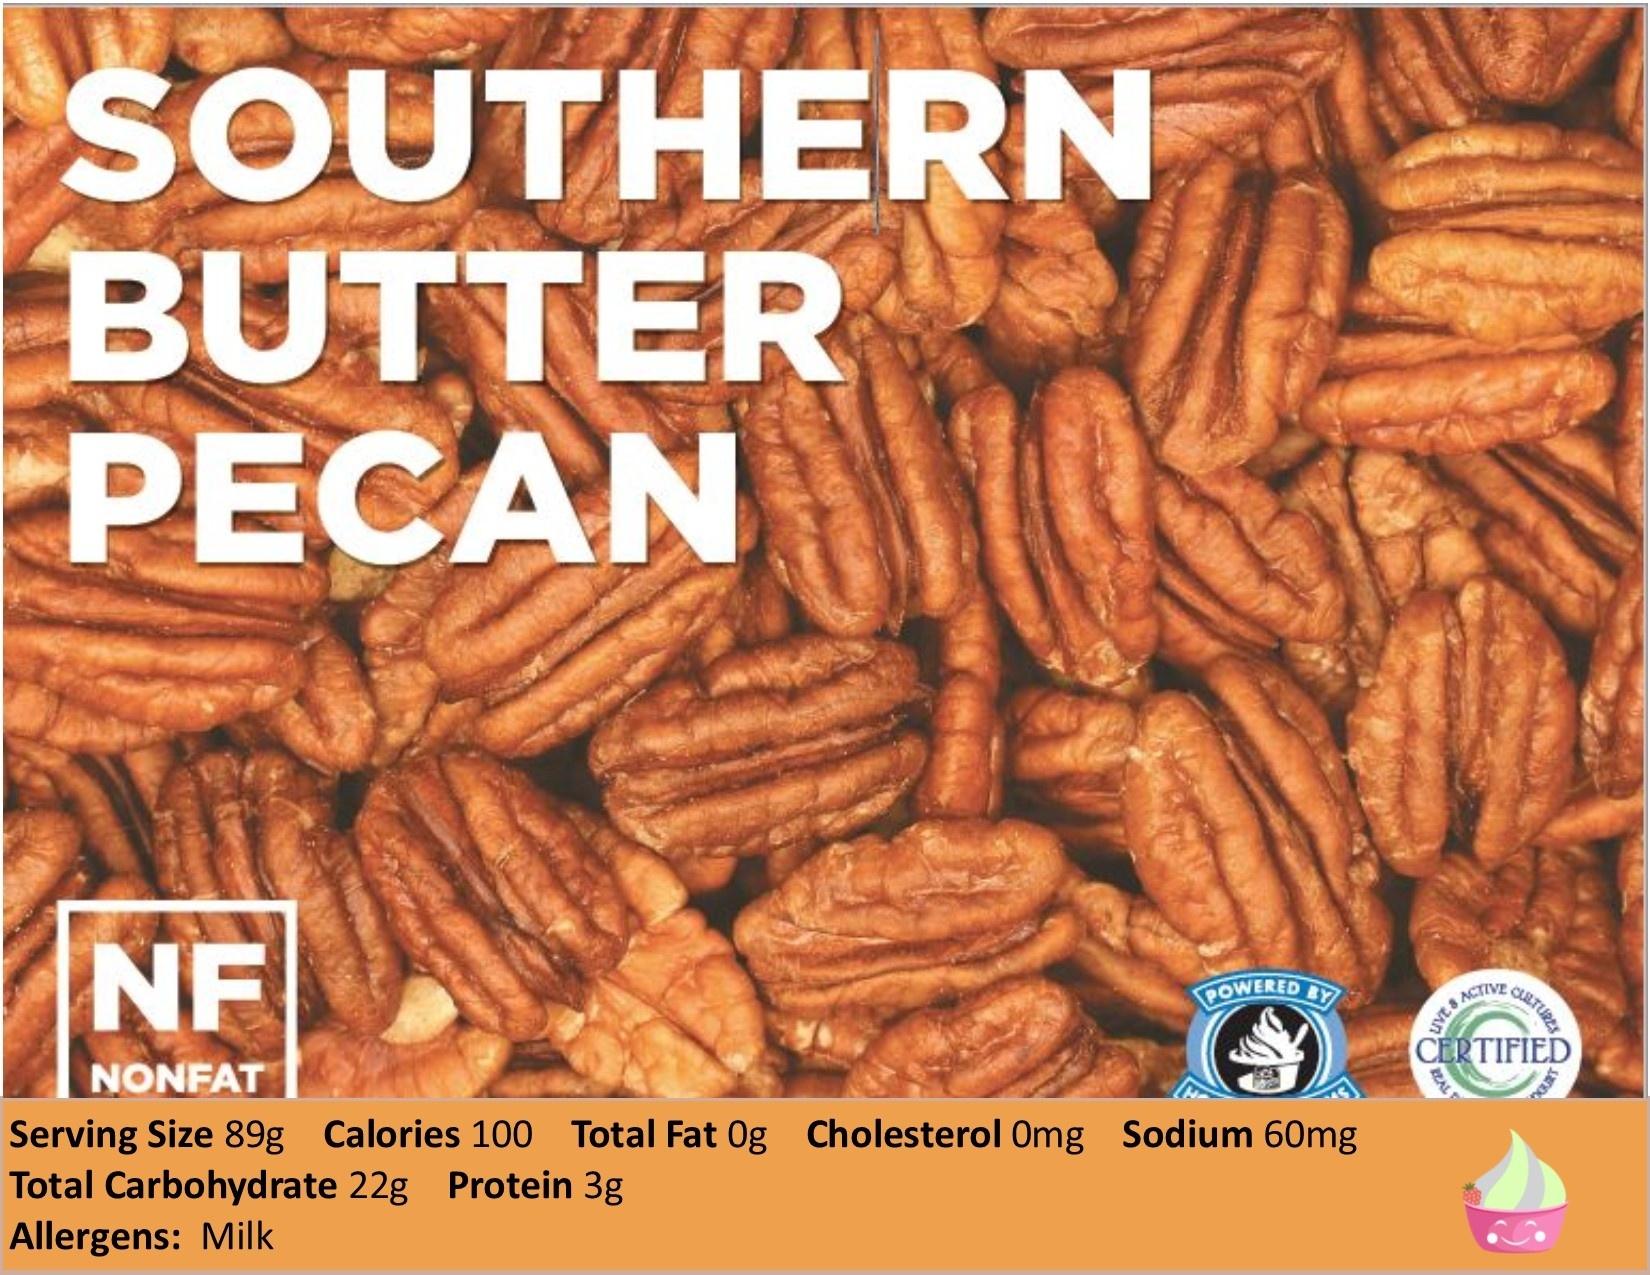 https://0201.nccdn.net/1_2/000/000/104/a0d/Southern-Butter-Pecan-NF-1650x1275-1650x1275.jpg